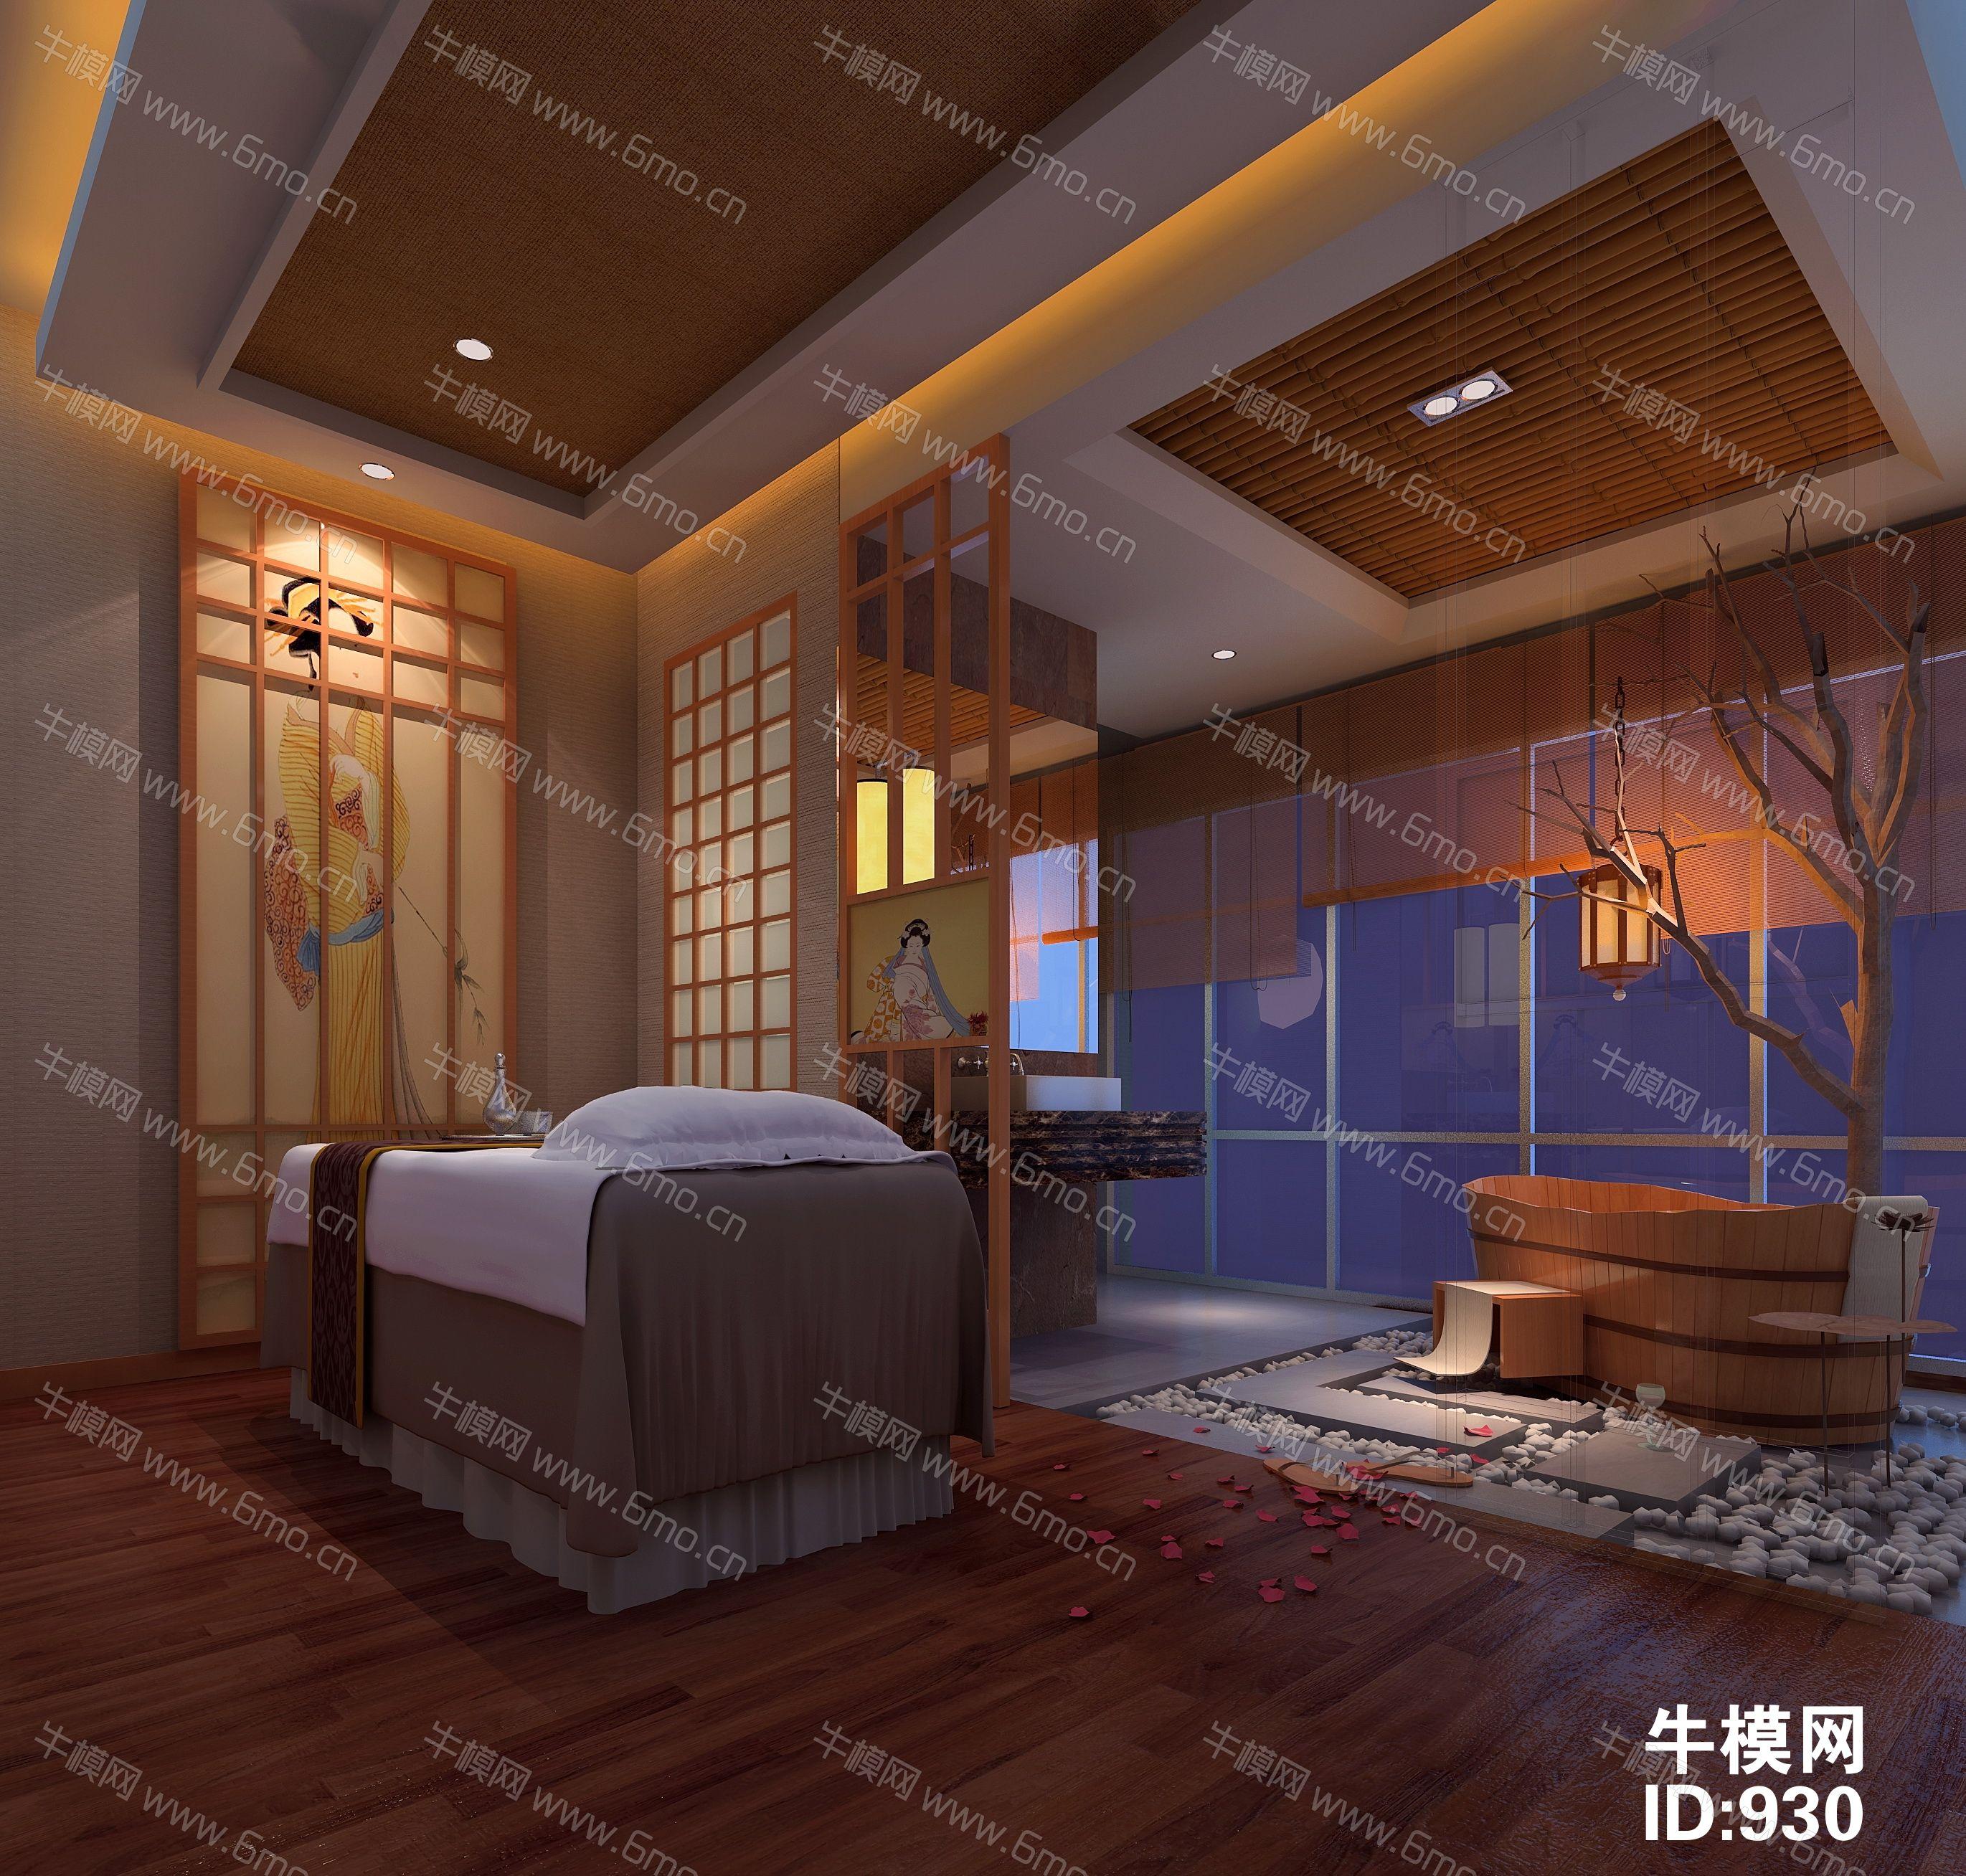 日式会所洗浴中心